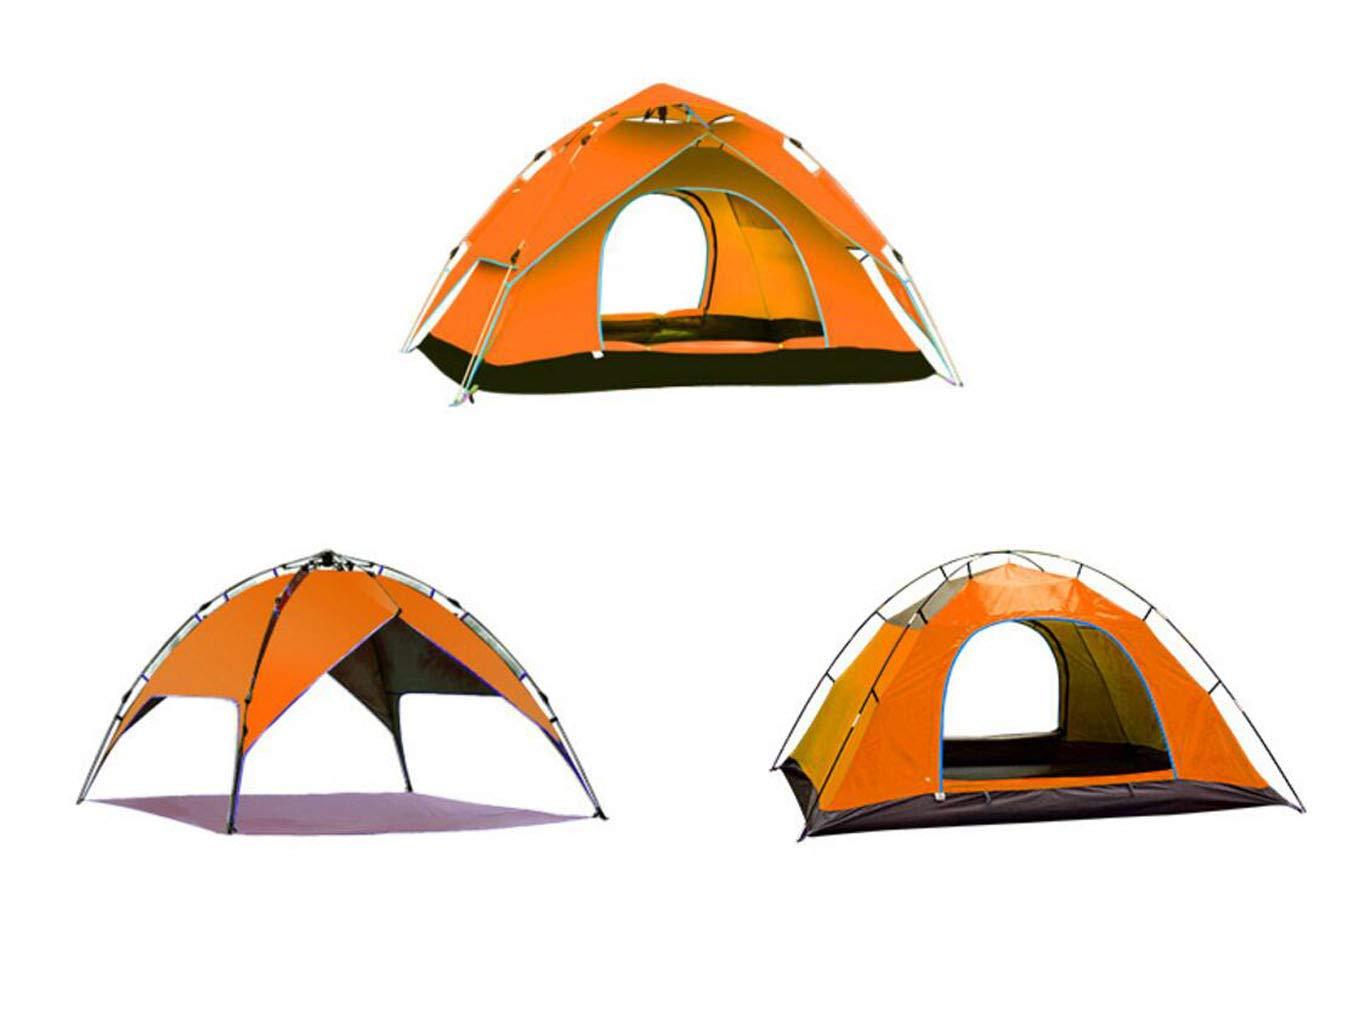 FEIYUESS Pop Up Zelt Automatisches hydraulisches Zelt-Ultra Large Wasserdichtes Kuppelzelt - Familien-Campingzelte mit Tragetasche (Farbe : Gelb (Three use))